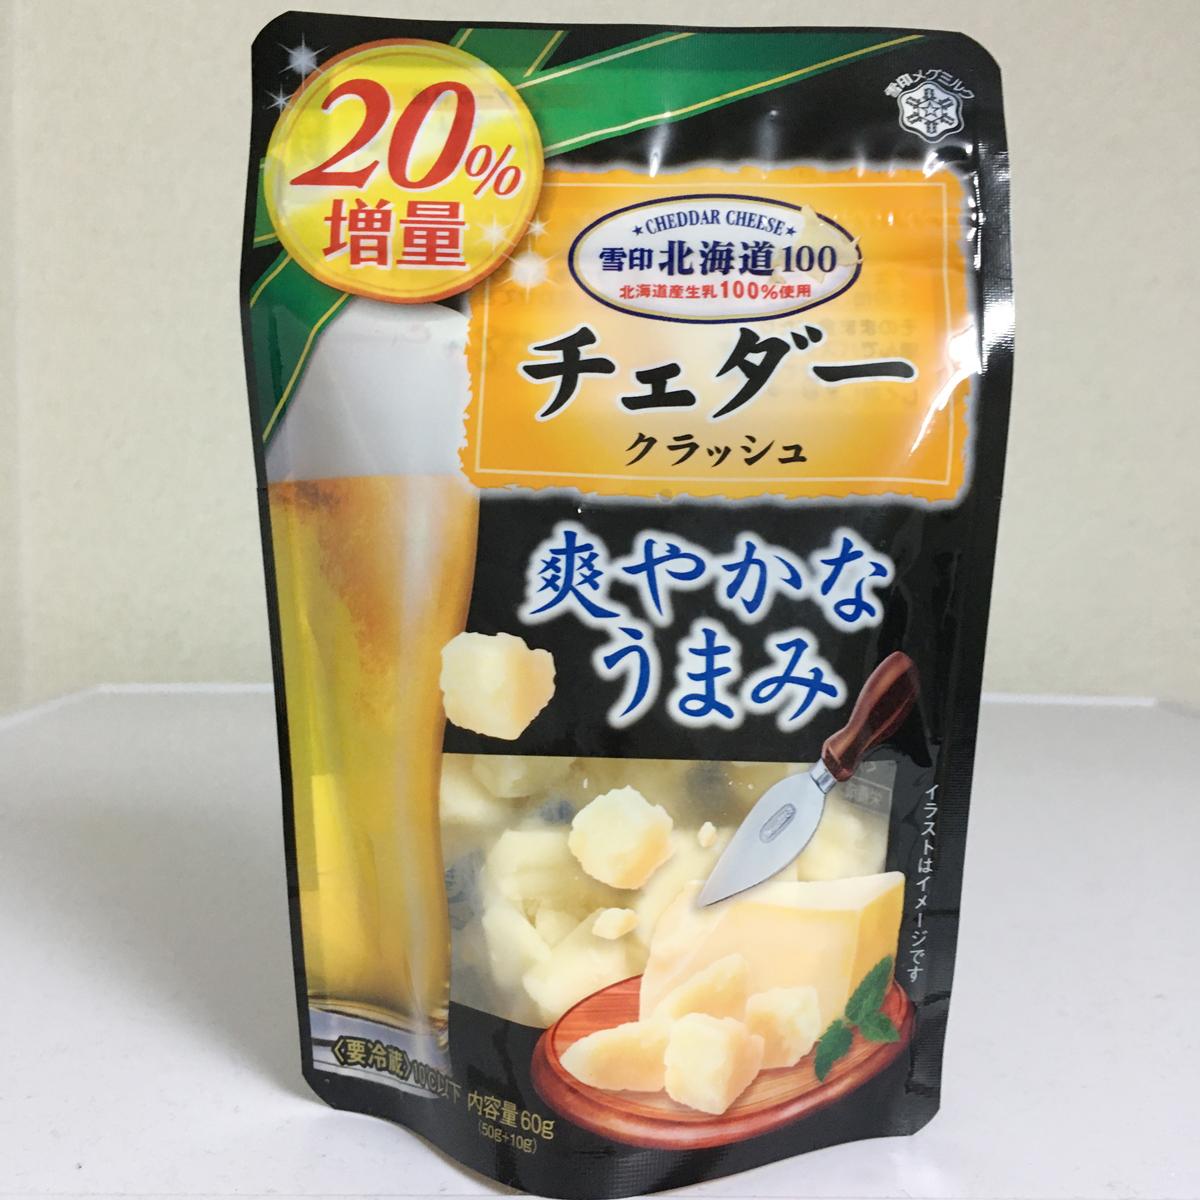 ゴーダよりも苦味が強い酒により合うチーズ。「雪印北海道100芳醇チェダー」